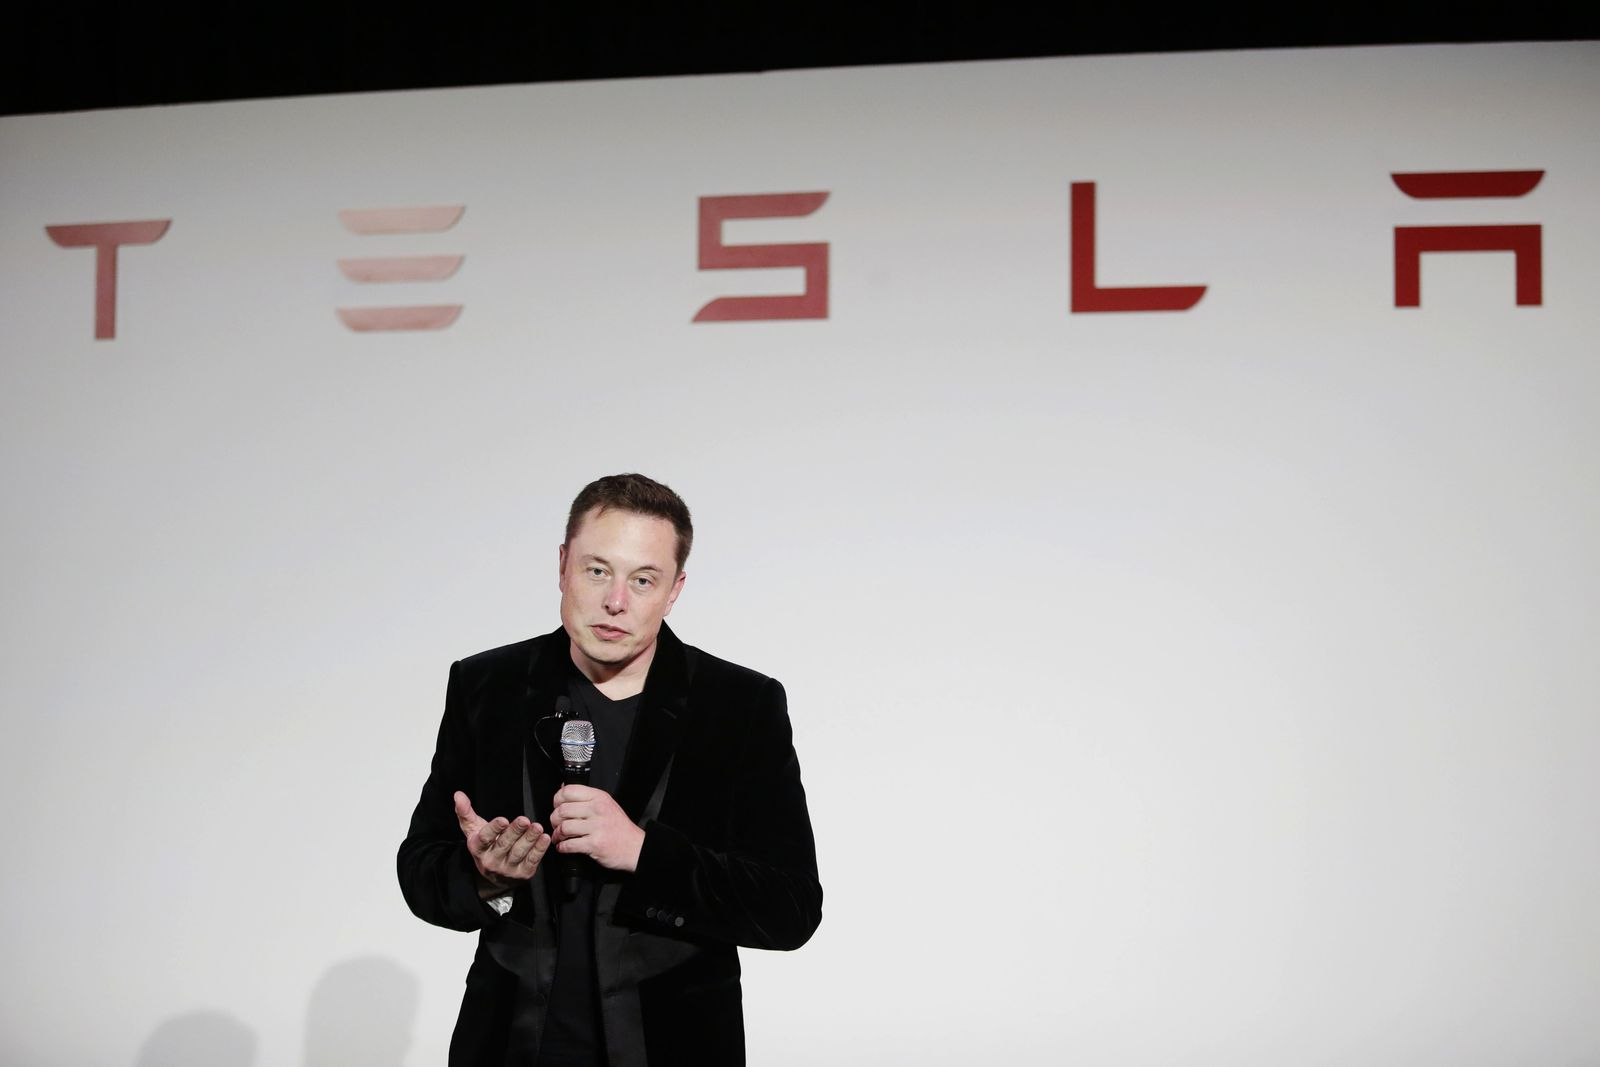 Elon Musk/ Tesla